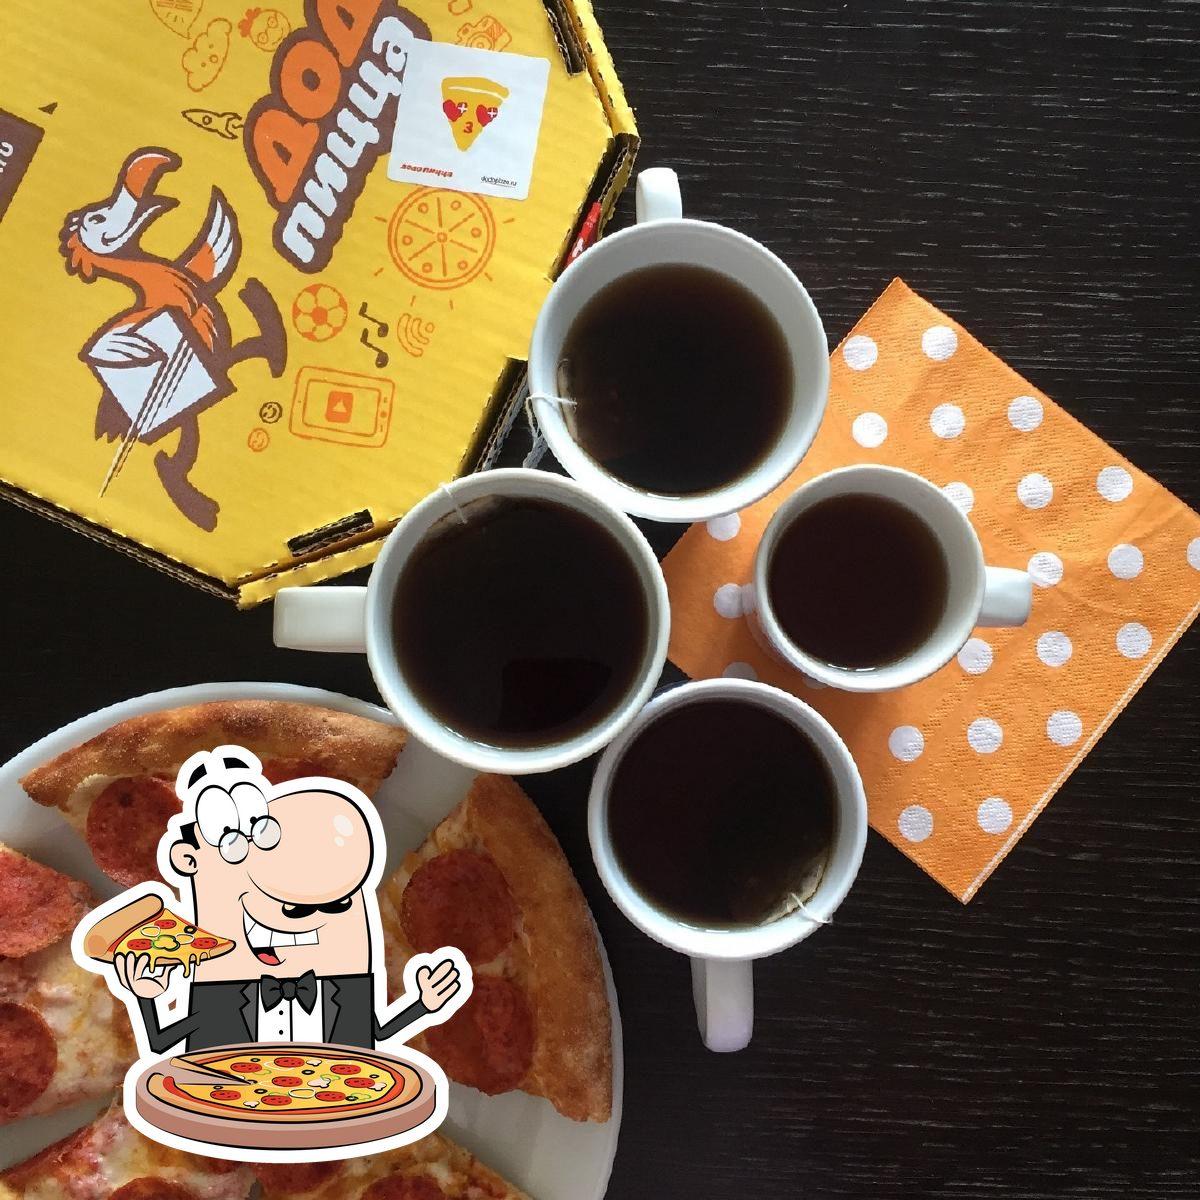 En Dodo Pizza, puedes disfrutar de una pizza